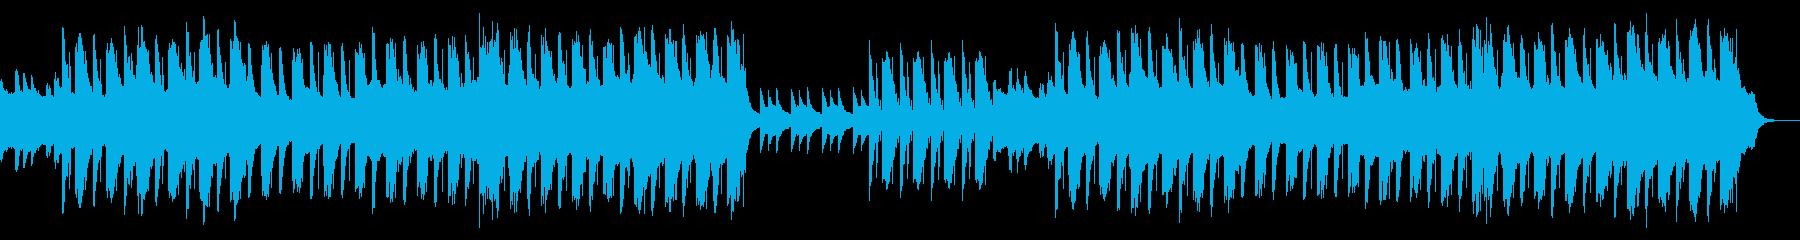 洋楽 最近のヒップホップ(Trap)の再生済みの波形